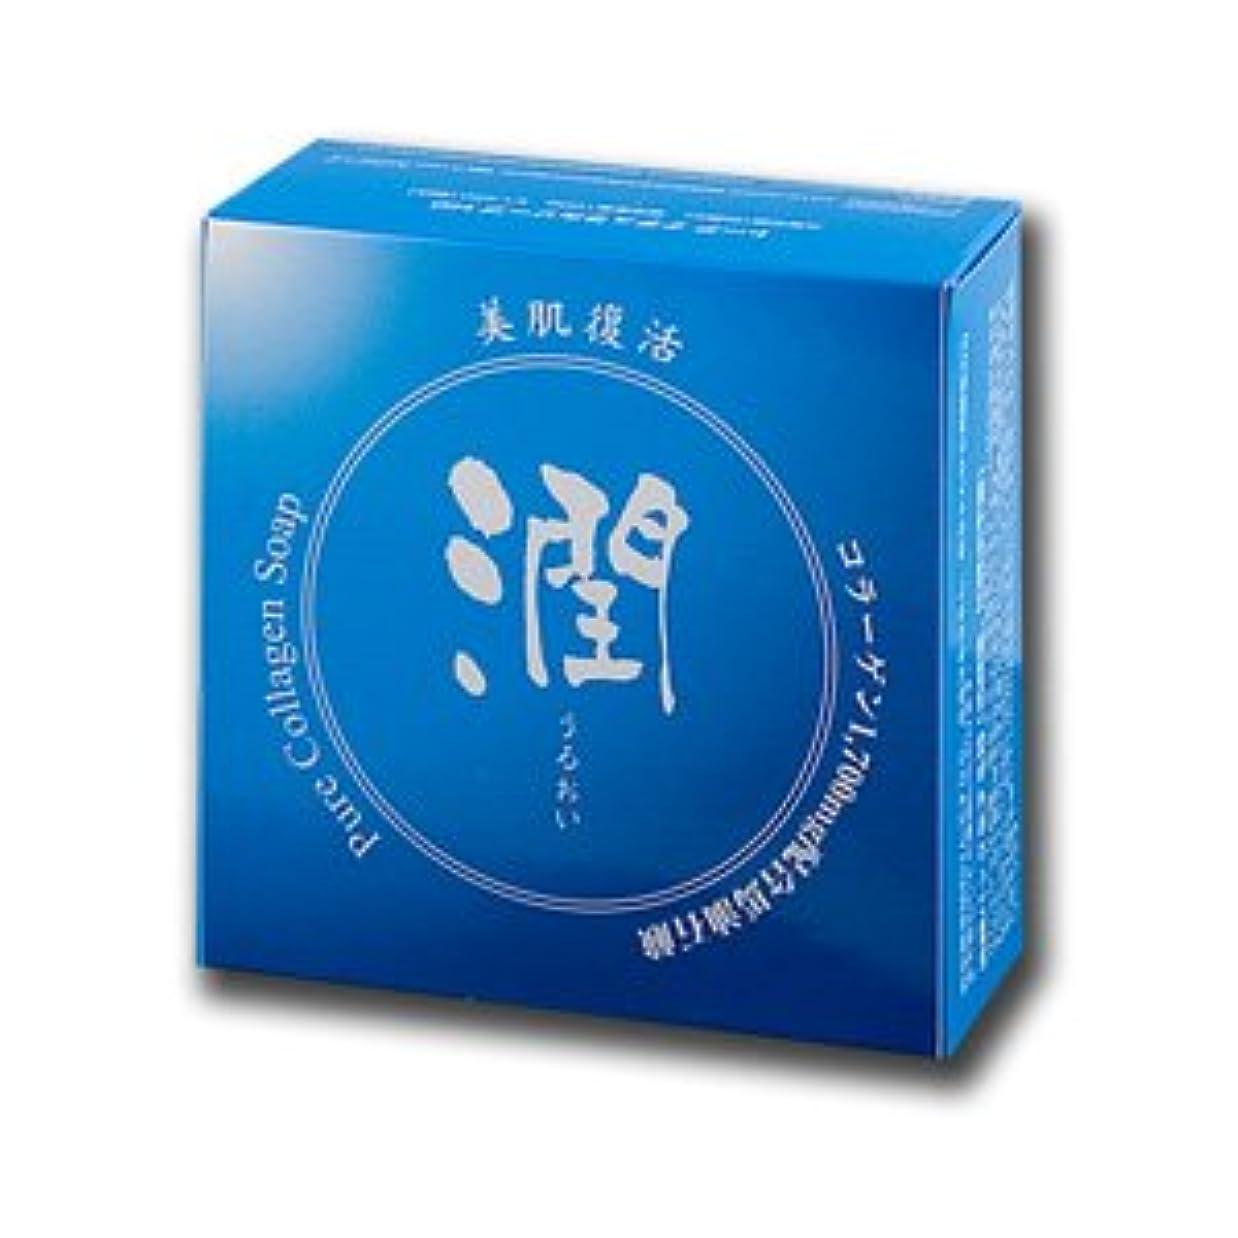 食欲なめらかクレタコラーゲン馬油石鹸 潤 100g (#800410) ×3個セット